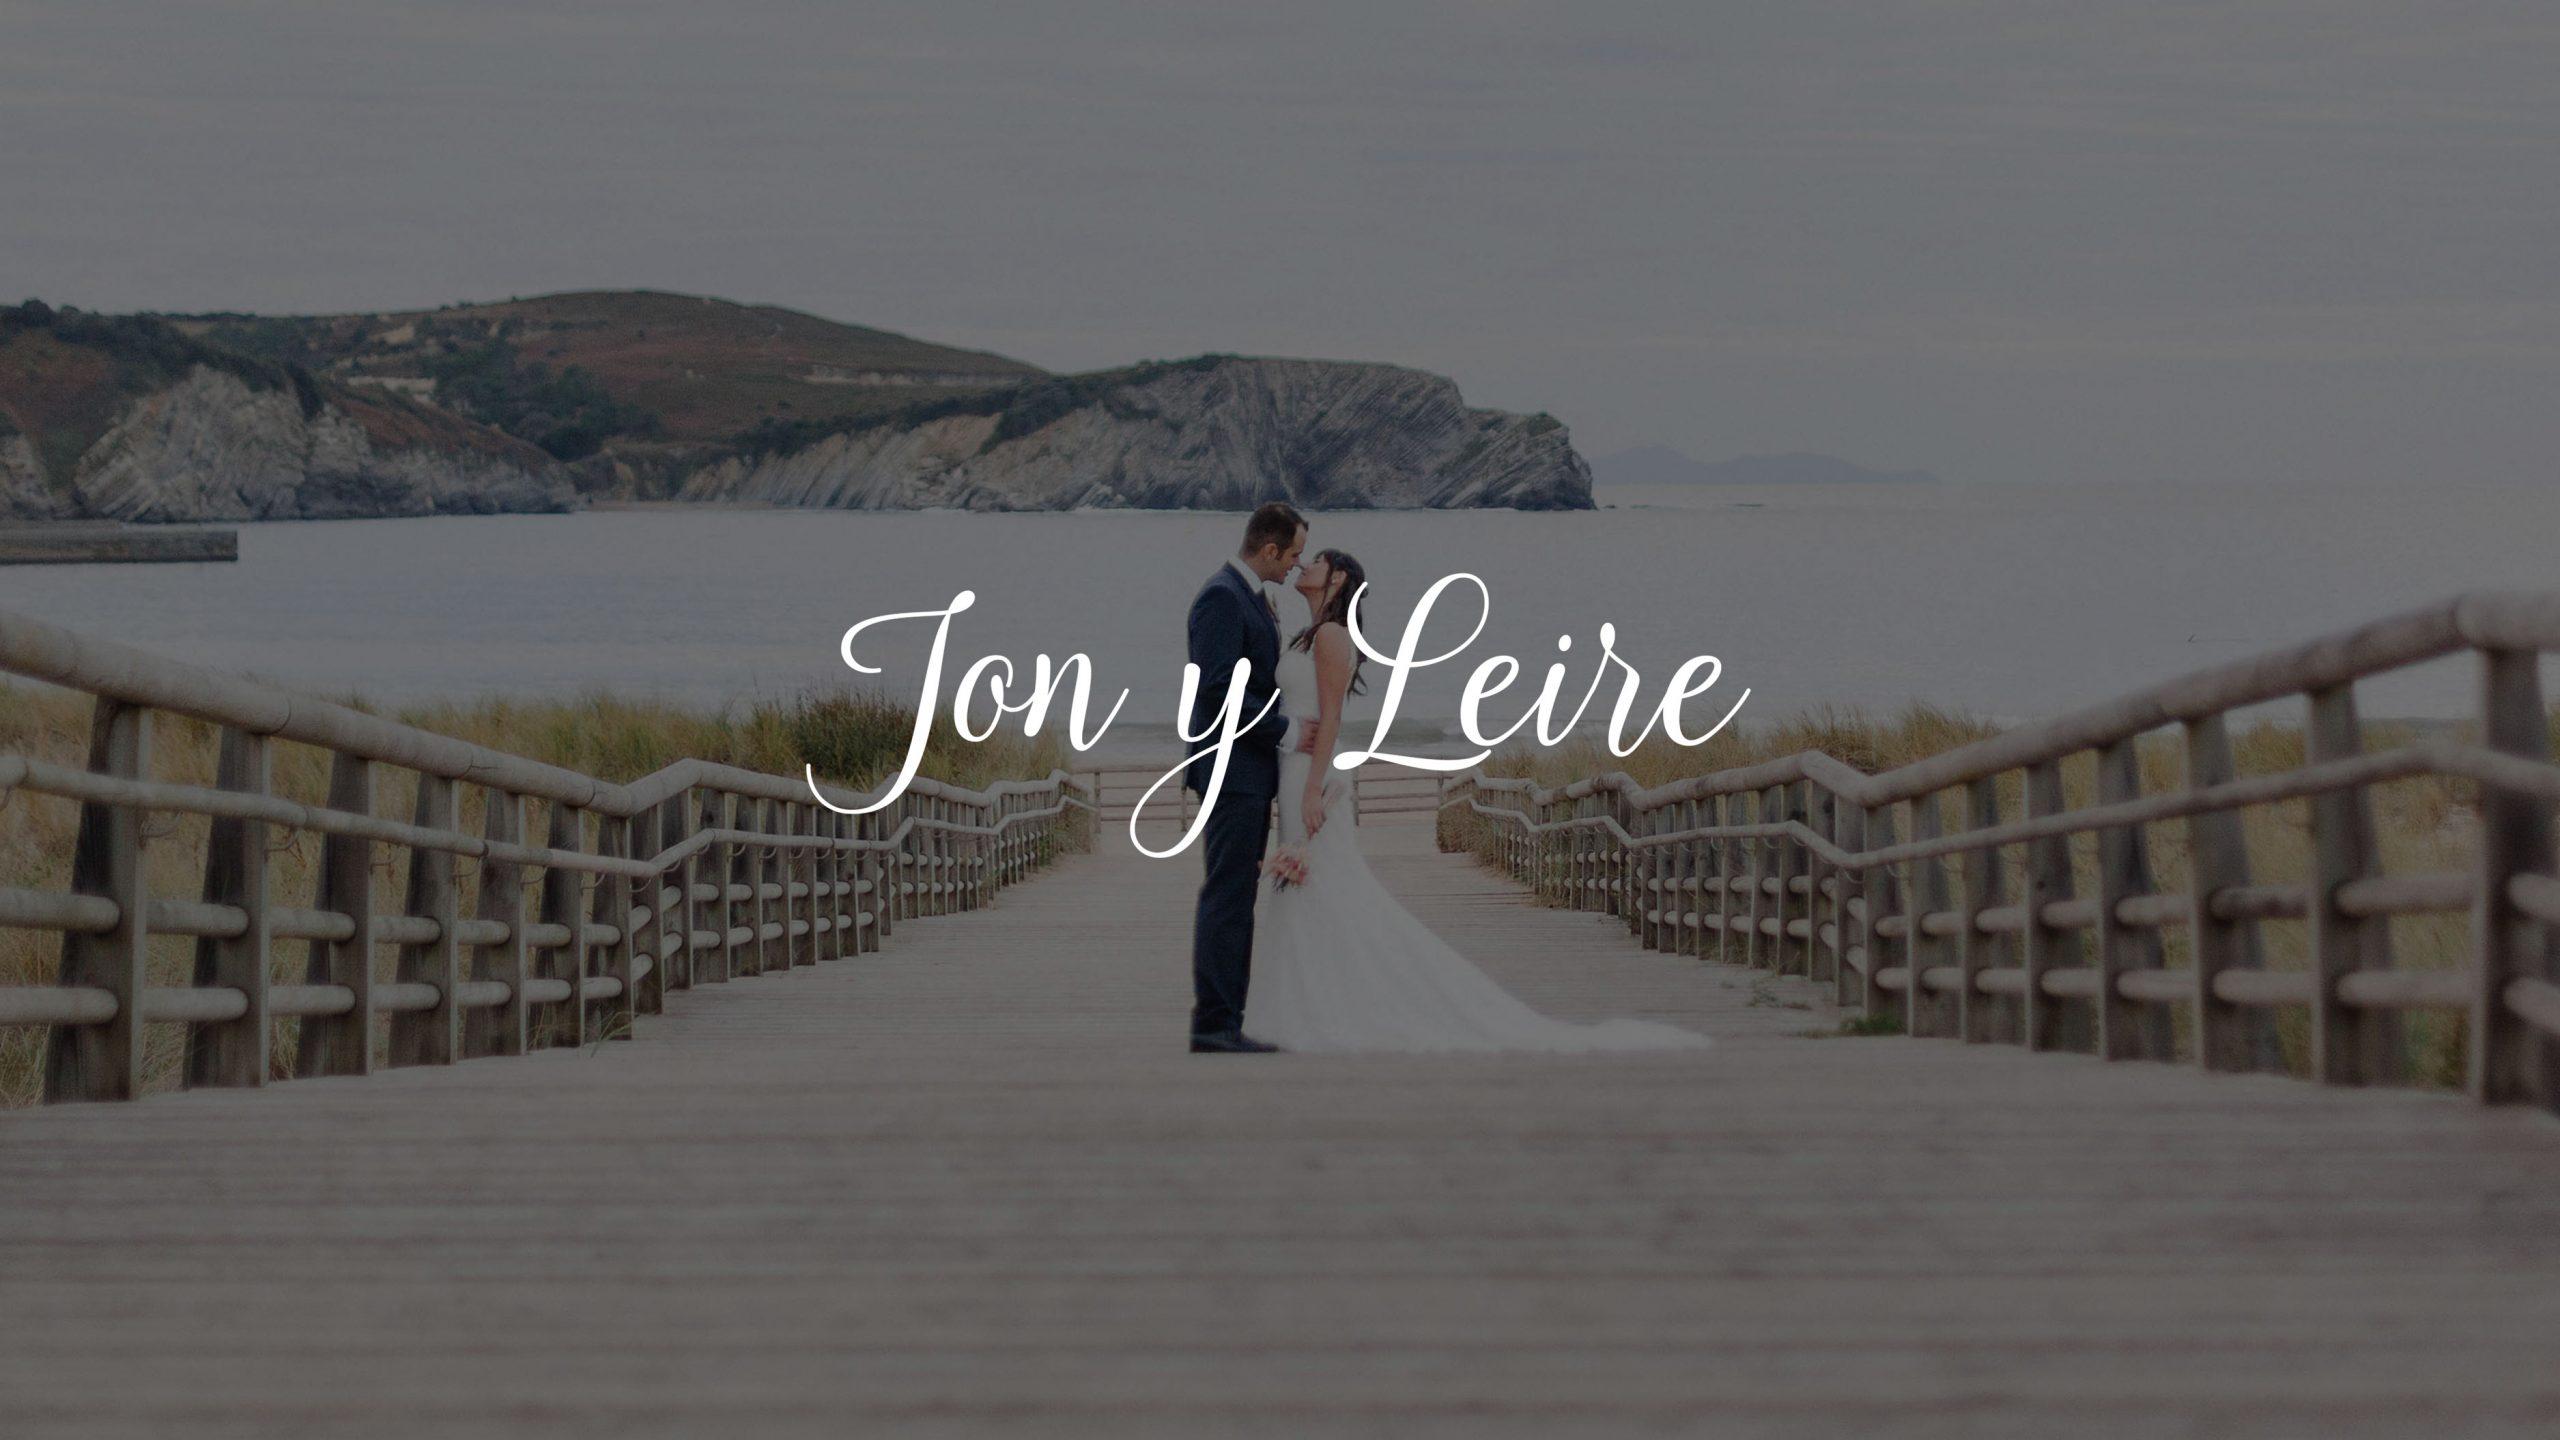 JON Y LEIRE